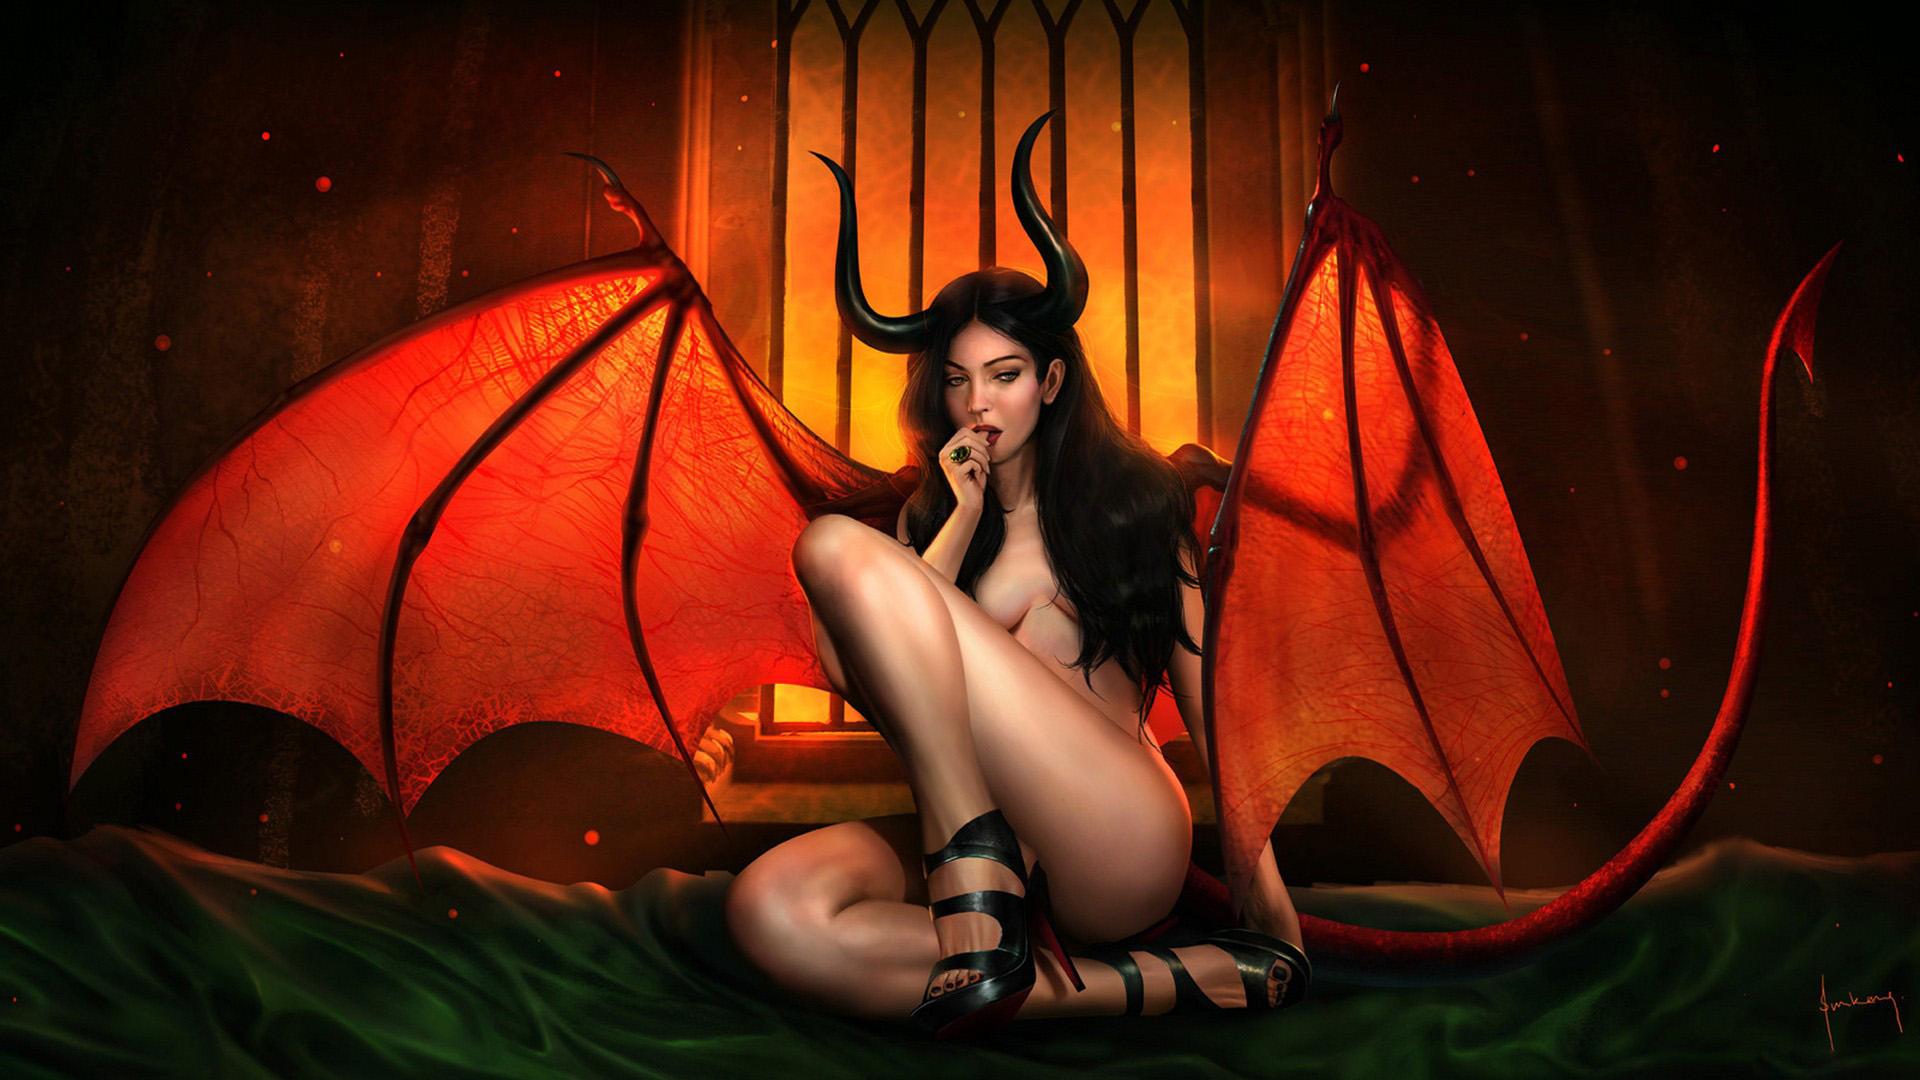 Sexy she devil